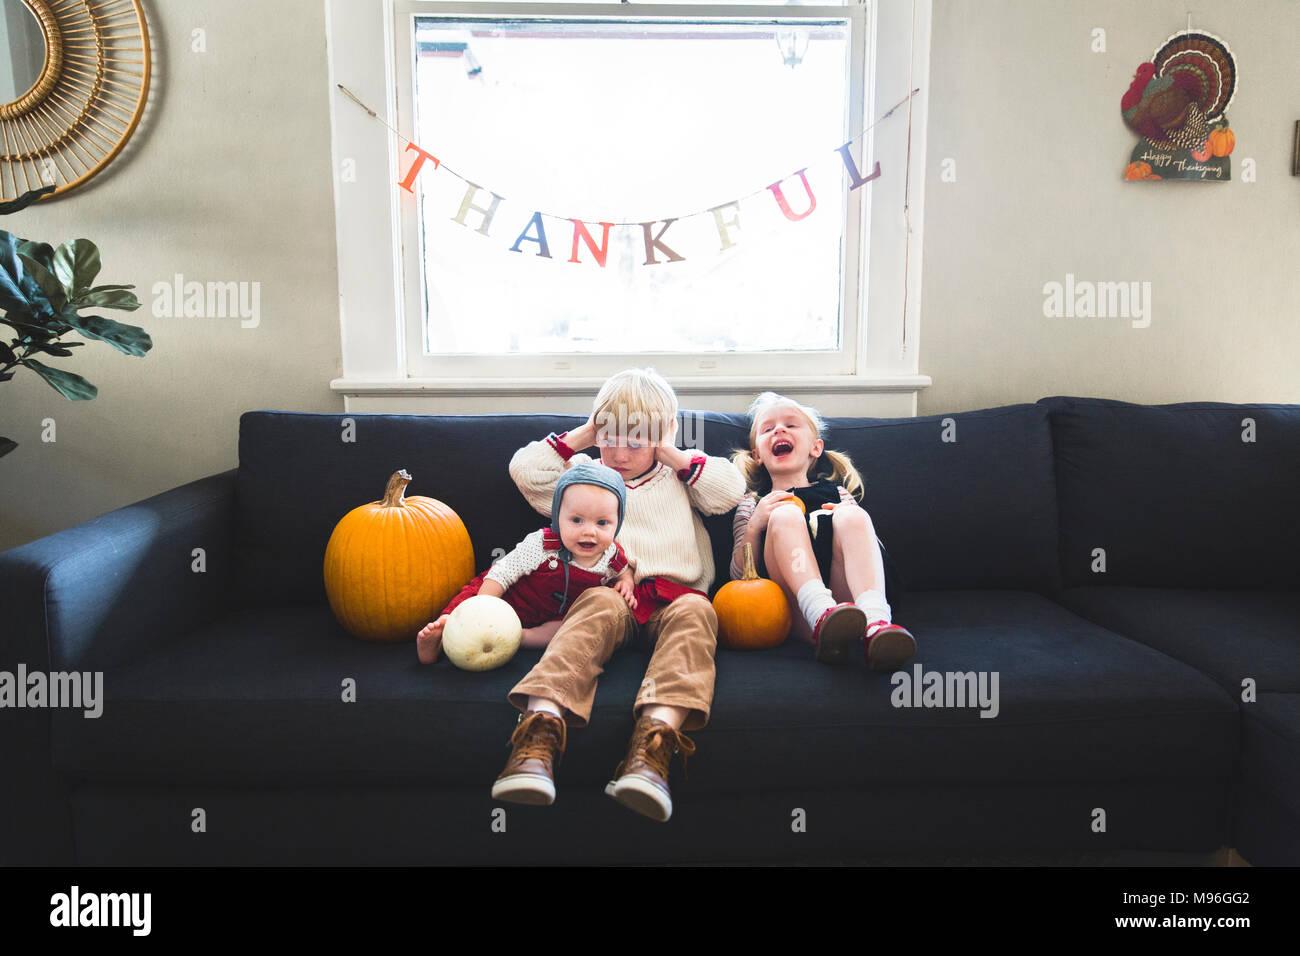 Kinder sitzen unter dankbar Banner mit Kürbissen Stockbild